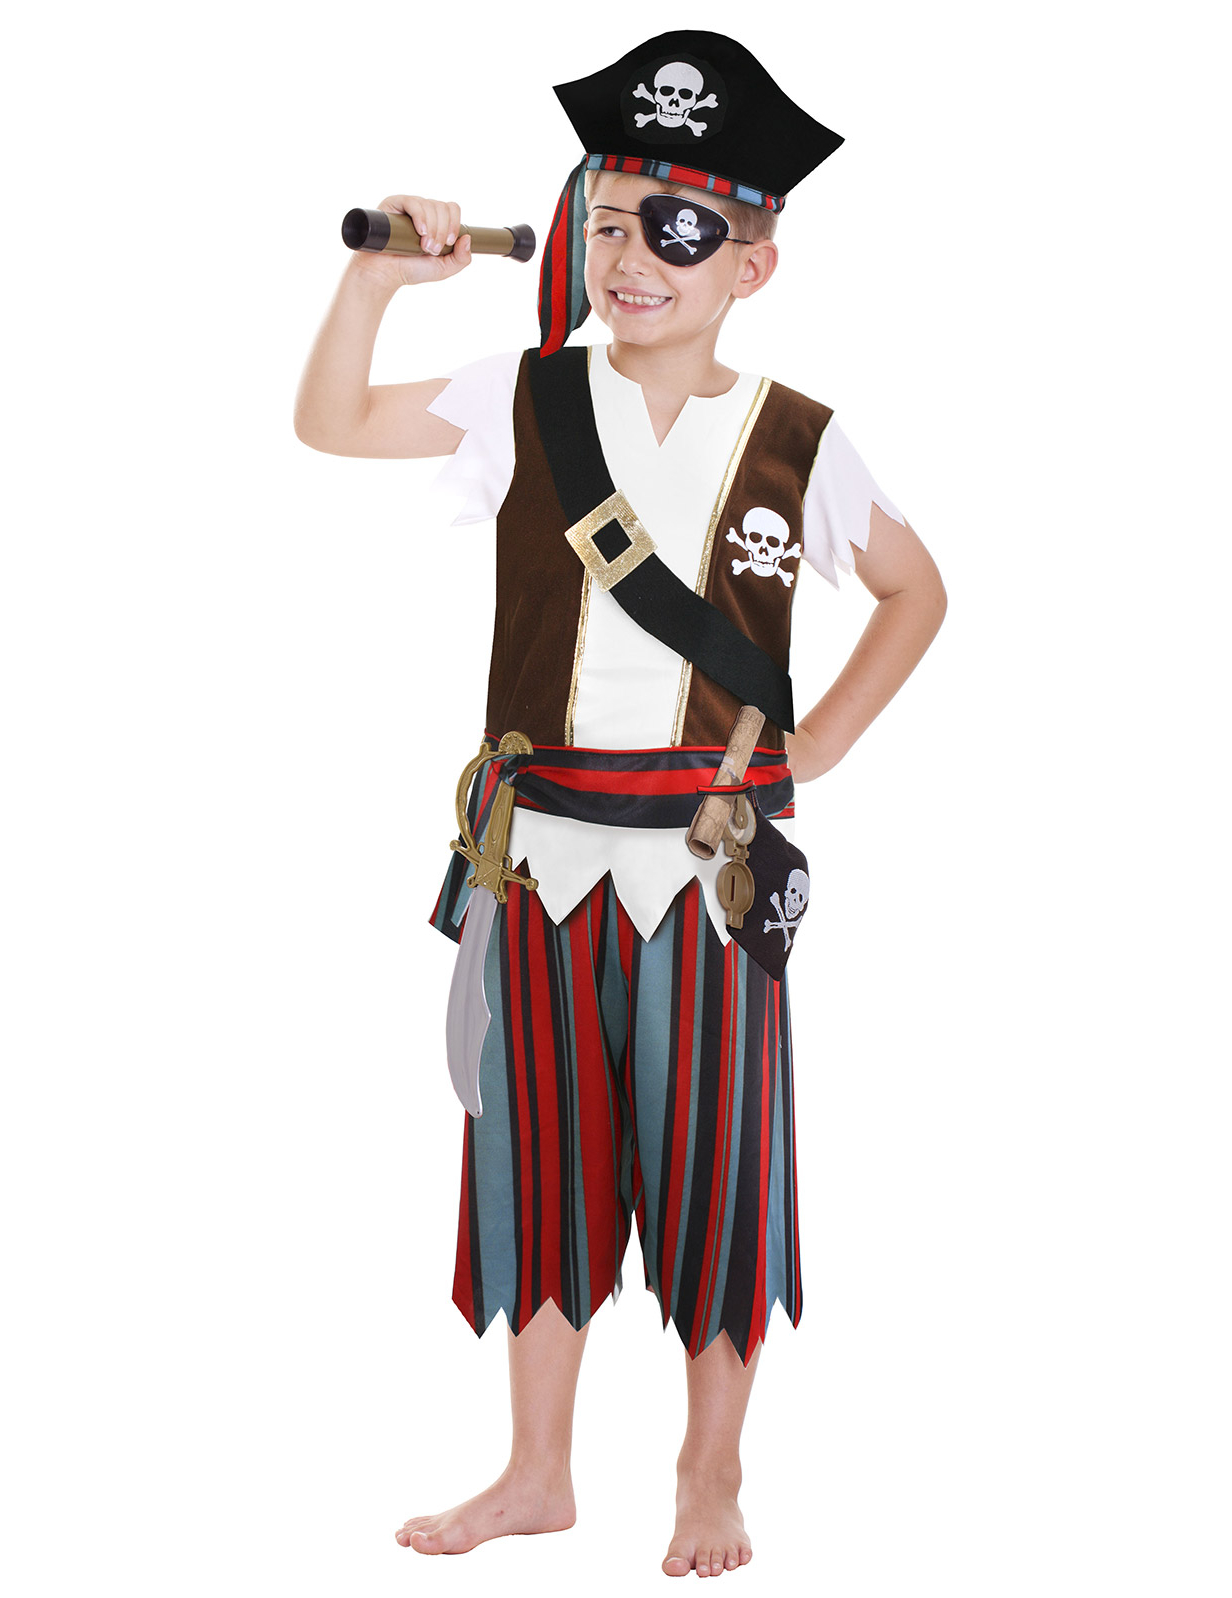 Disfraz de pirata nio Disfraces niosy disfraces